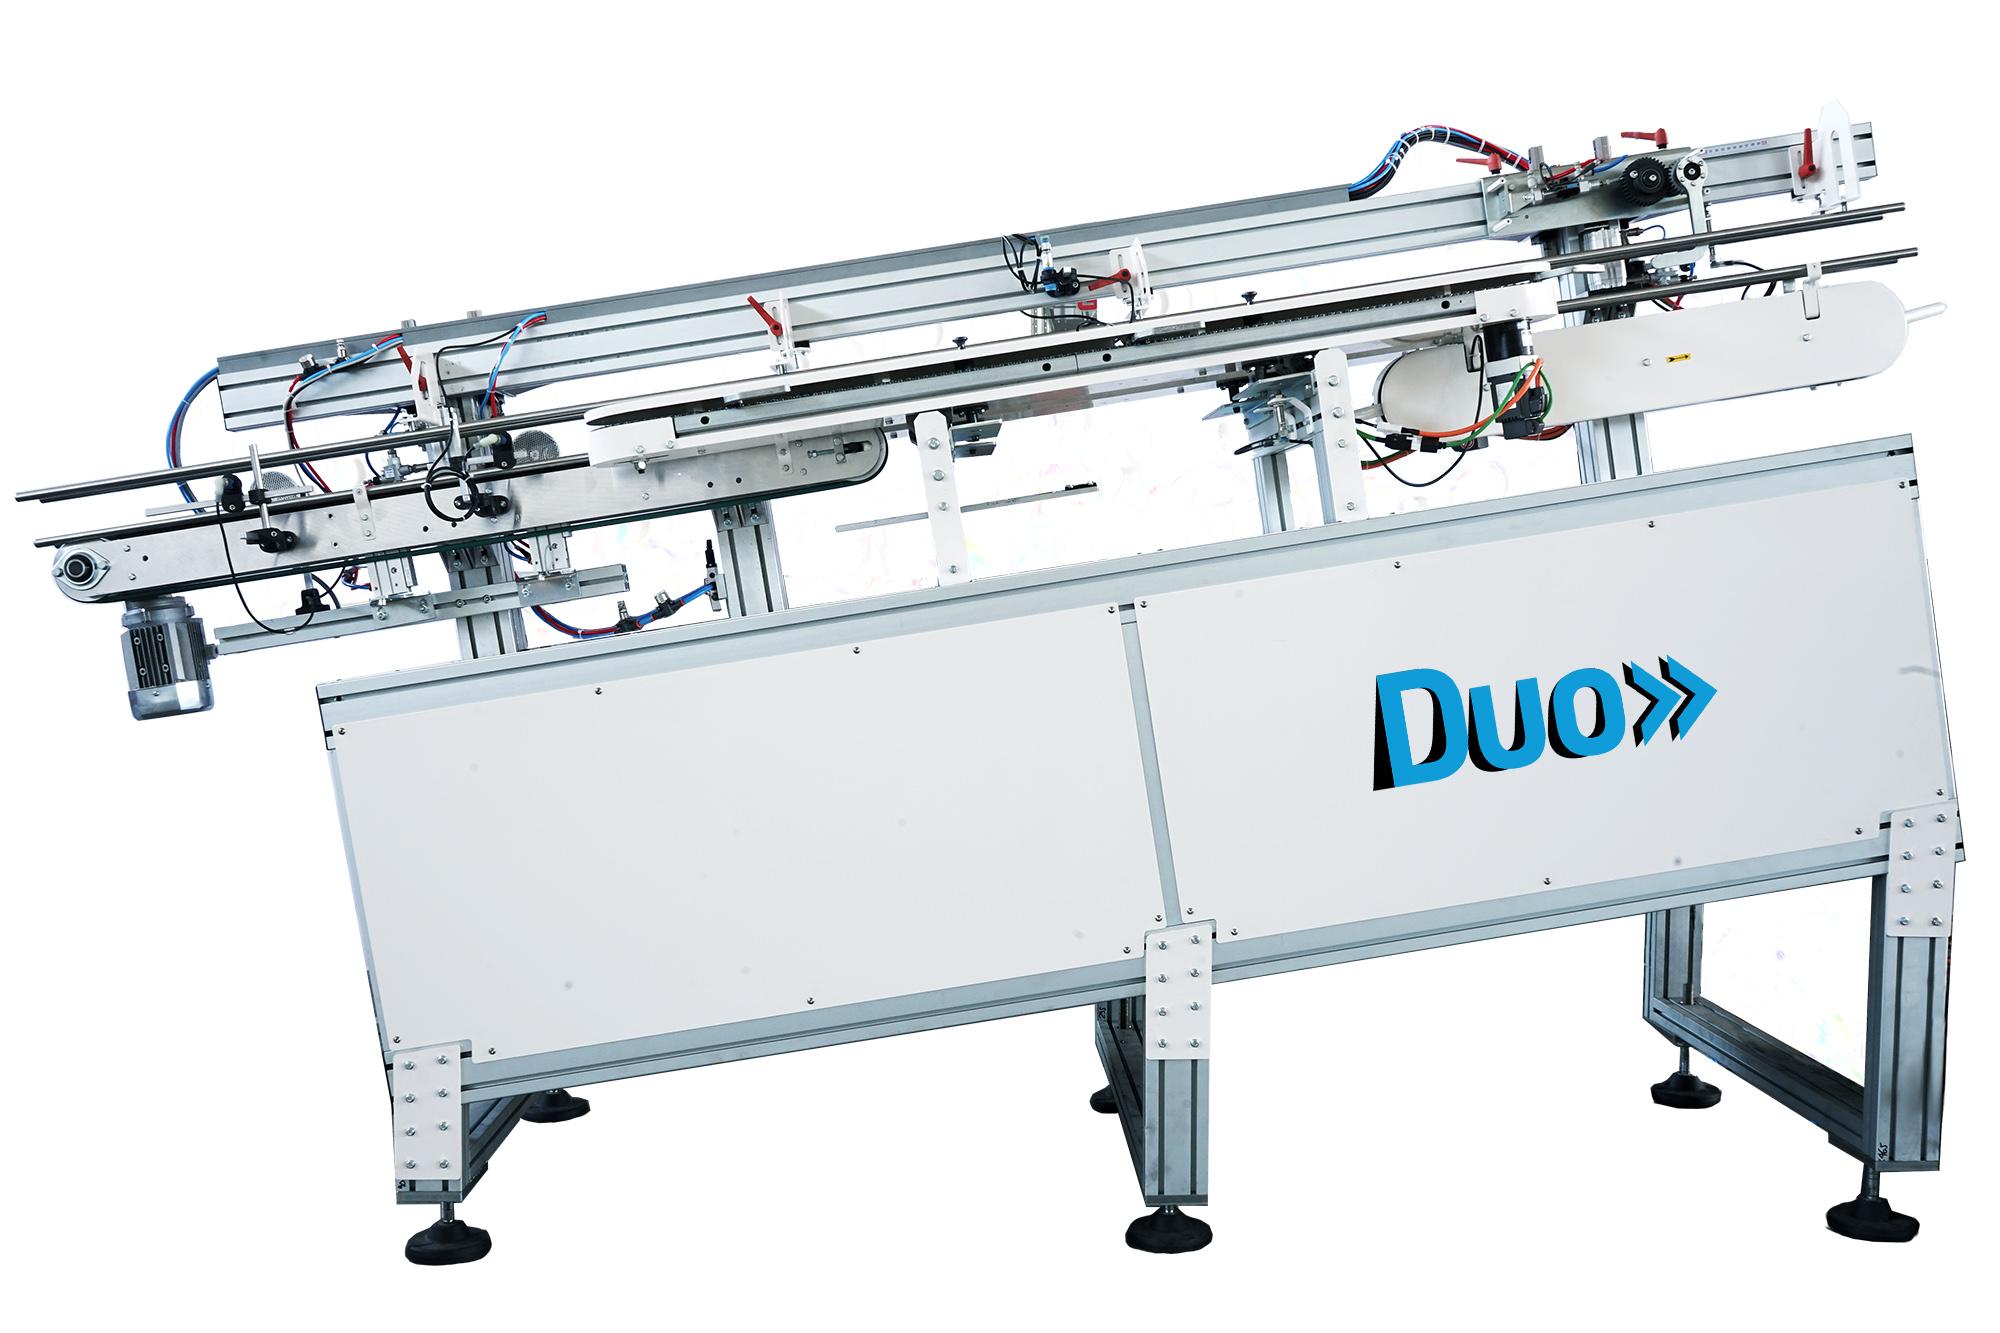 DUO | sistema automatico di incapsulamento stecche bicchieri | CARBONCHI CTI SRL